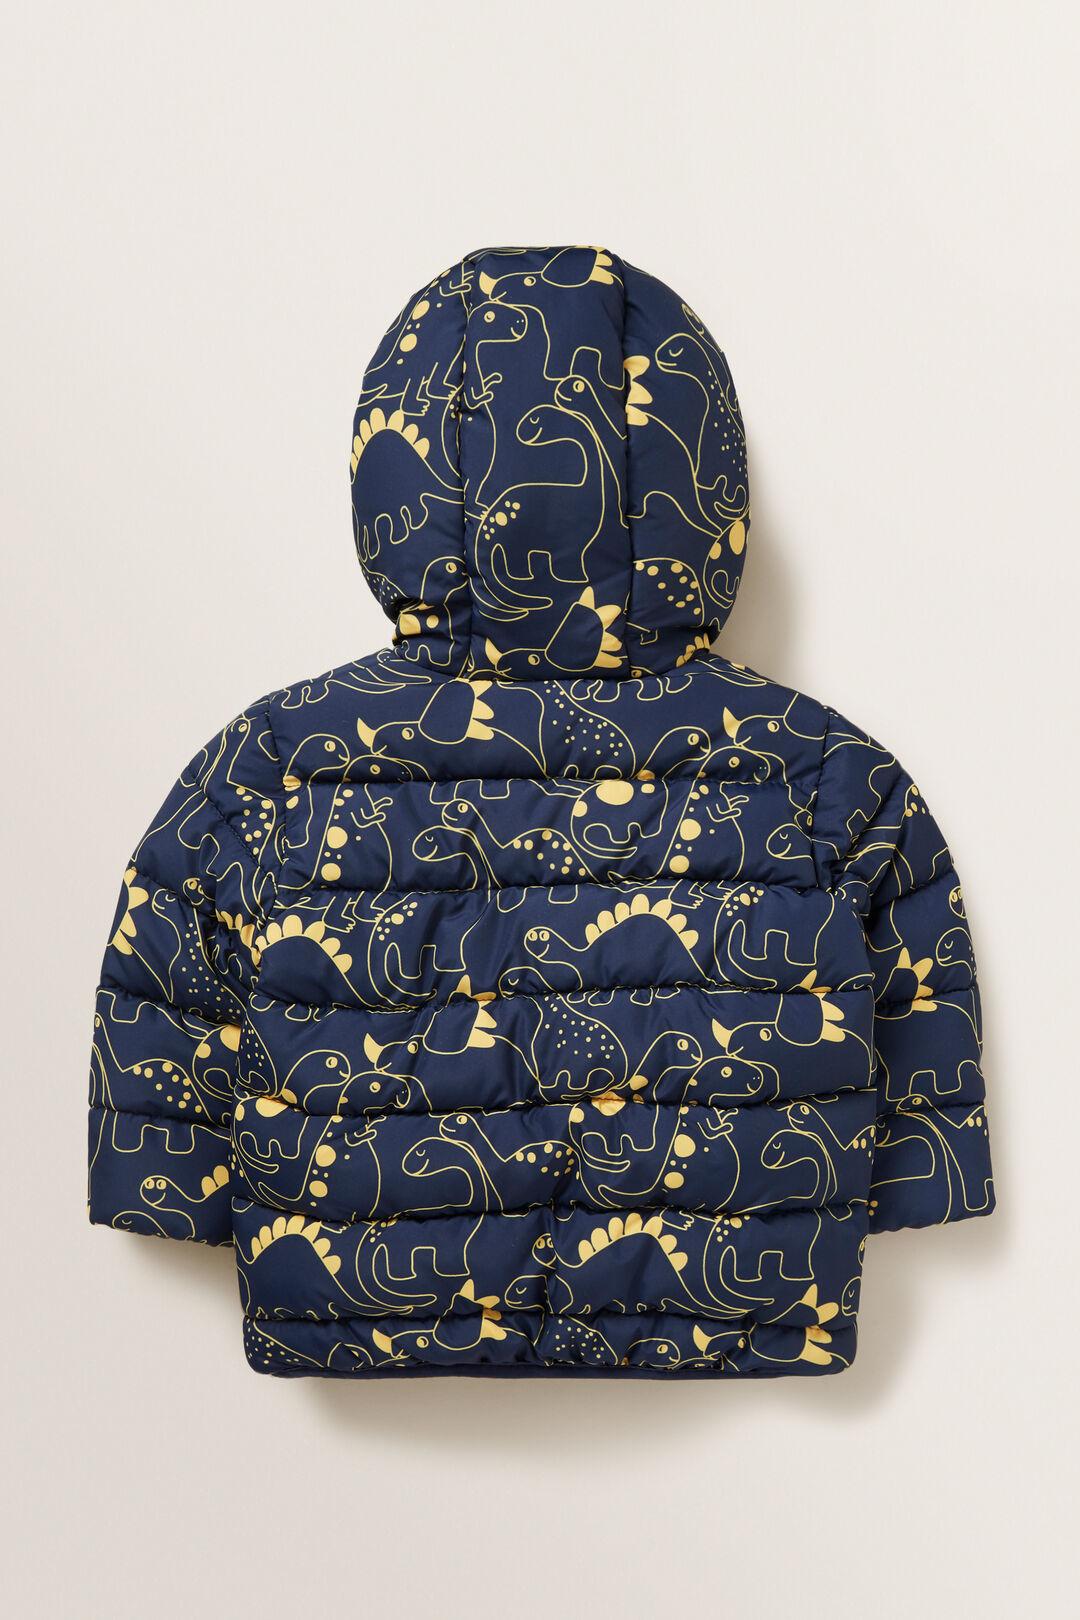 Printed Puffa Jacket  MIDNIGHT BLUE  hi-res